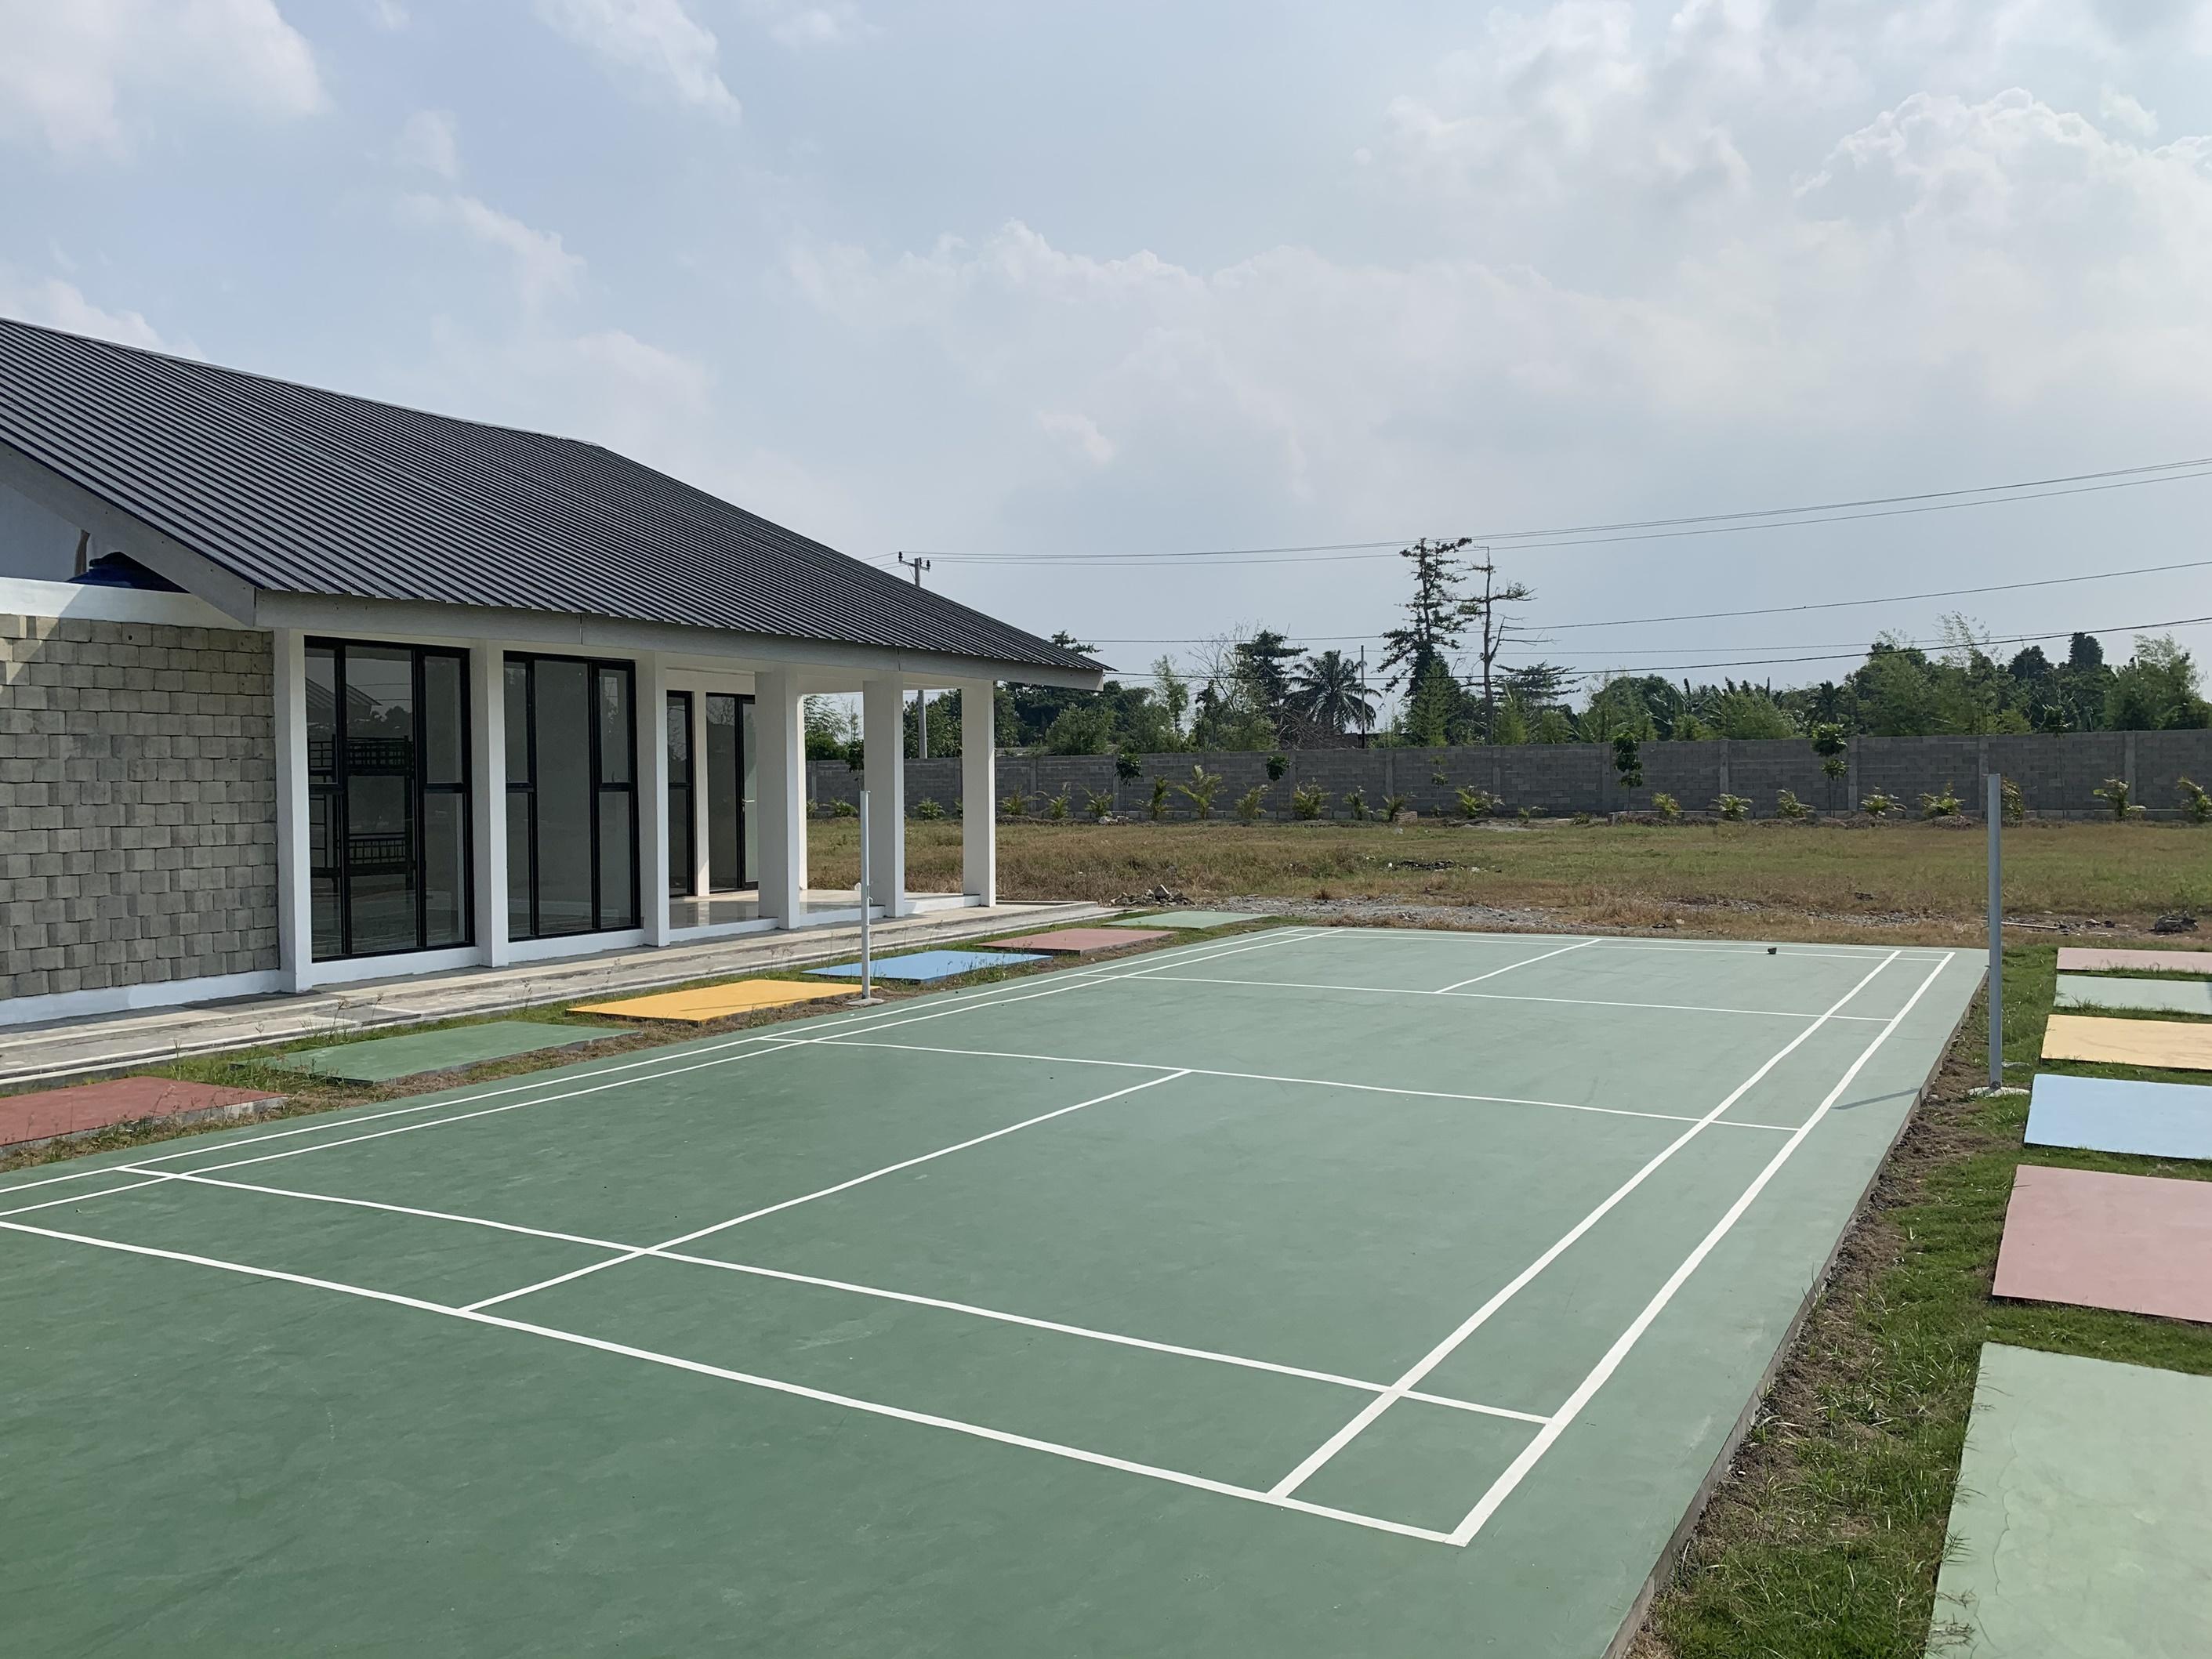 Lapangan Badminton Al-Azhar Asy-Syarif Sumatera Utara